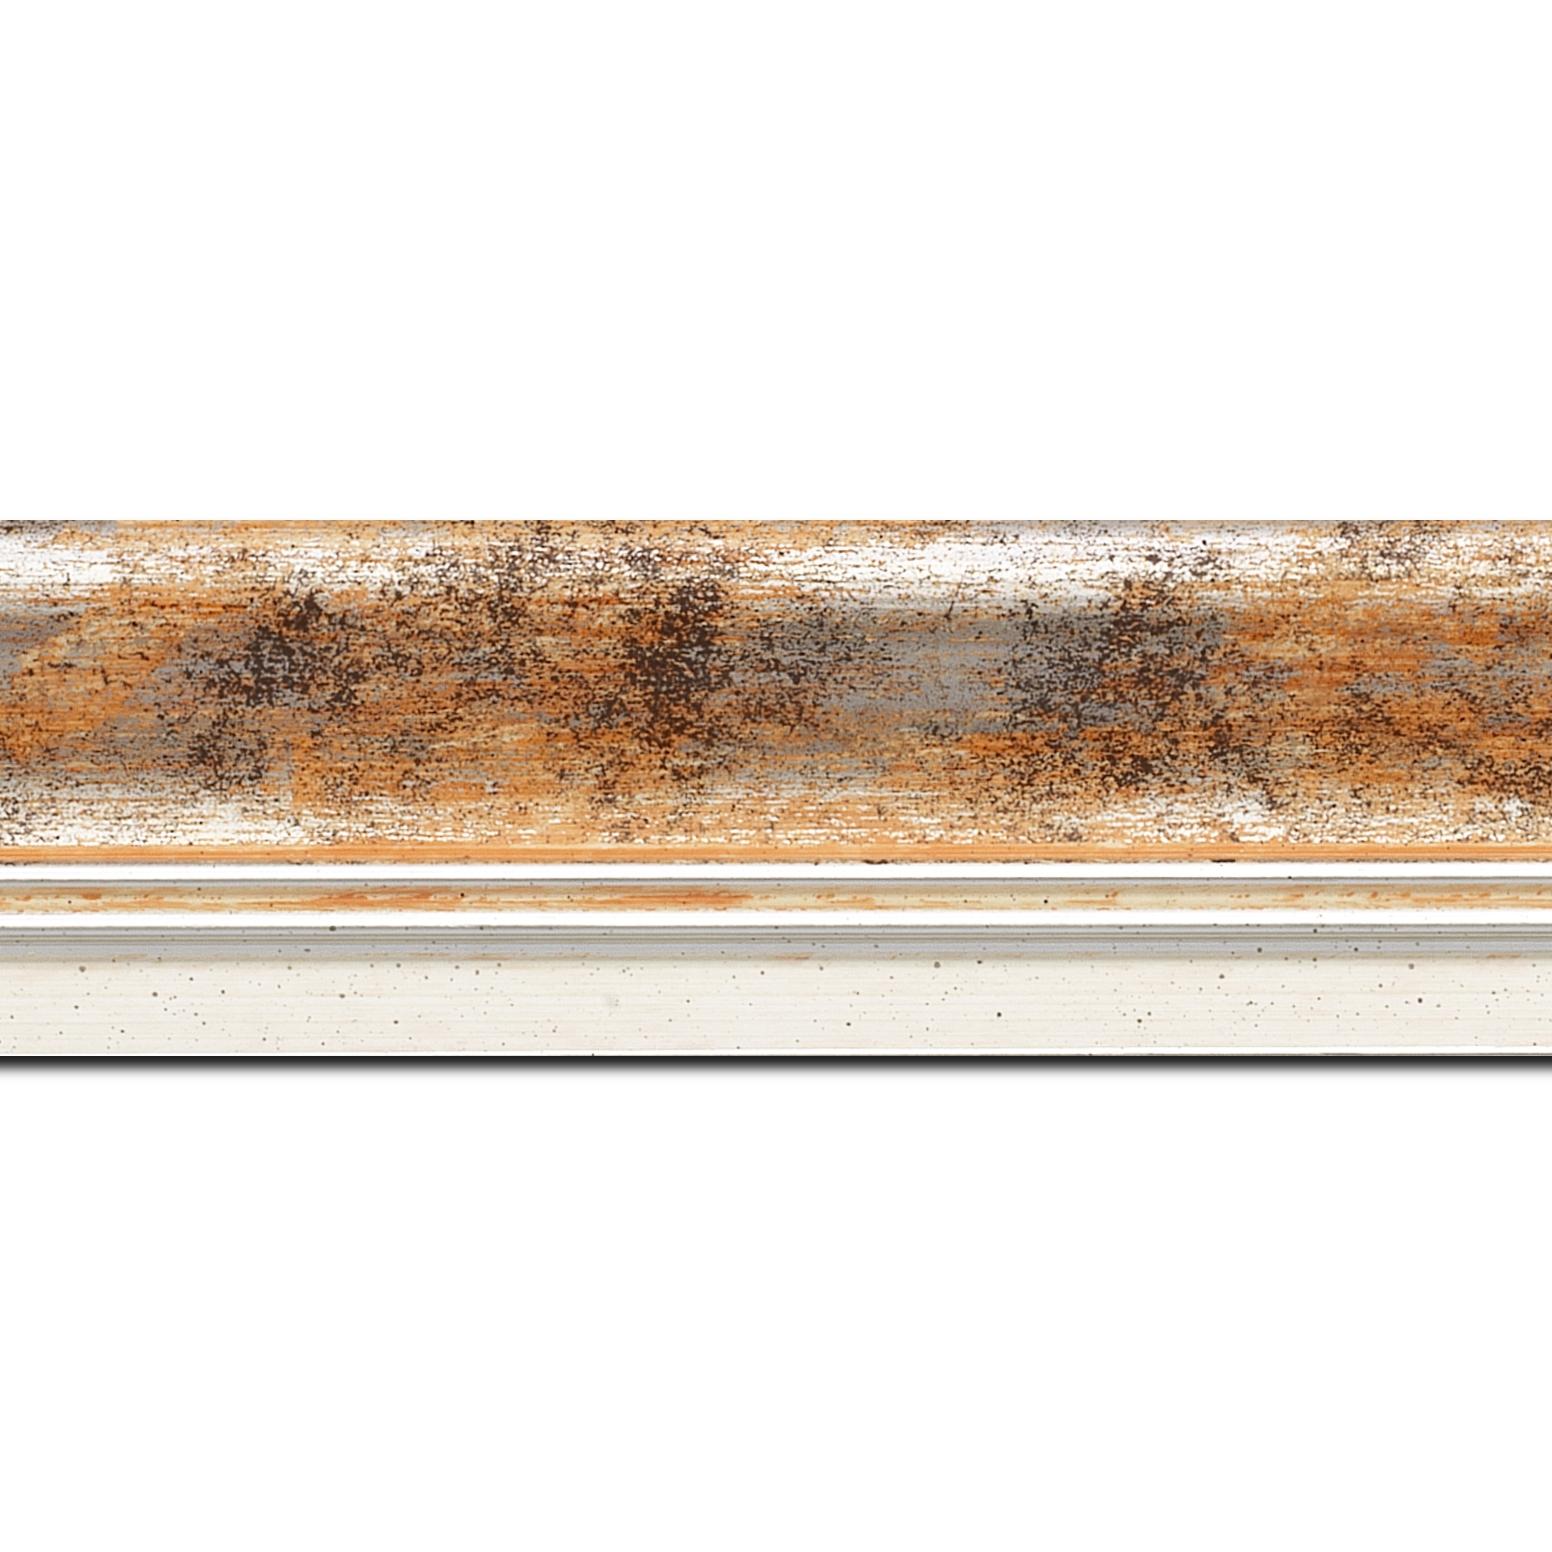 Baguette longueur 1.40m bois profil incurvé largeur 5.7cm de couleur orange fond argent marie louise blanche mouchetée filet argent intégré